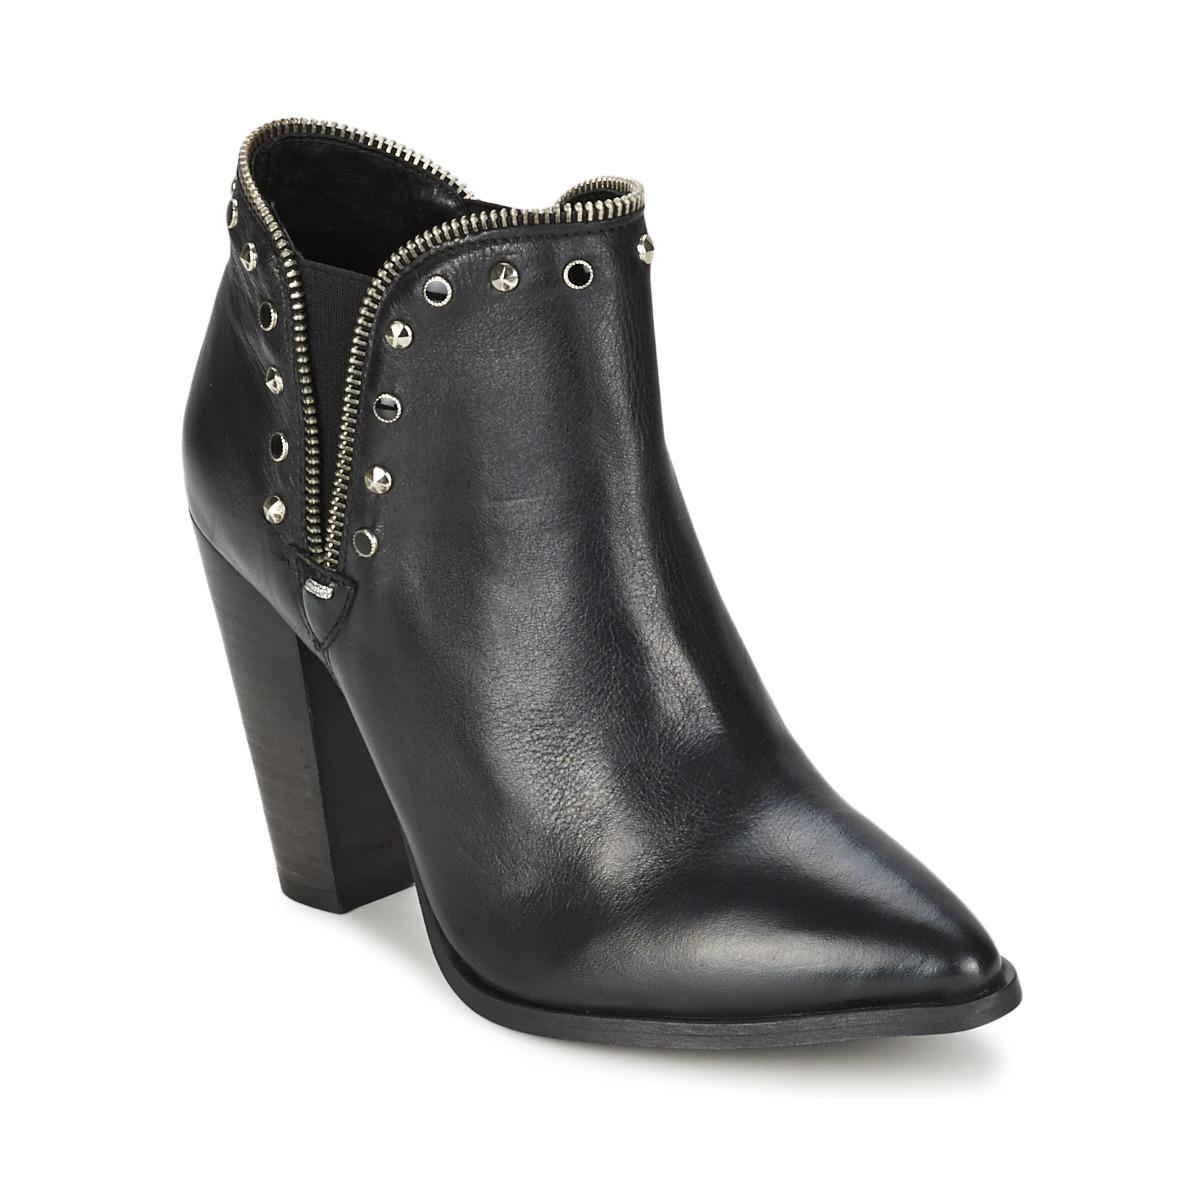 Koah YETTA Schwarz - Kostenloser Versand bei Spartoode ! - Schuhe Ankle Boots Damen 99,50 €